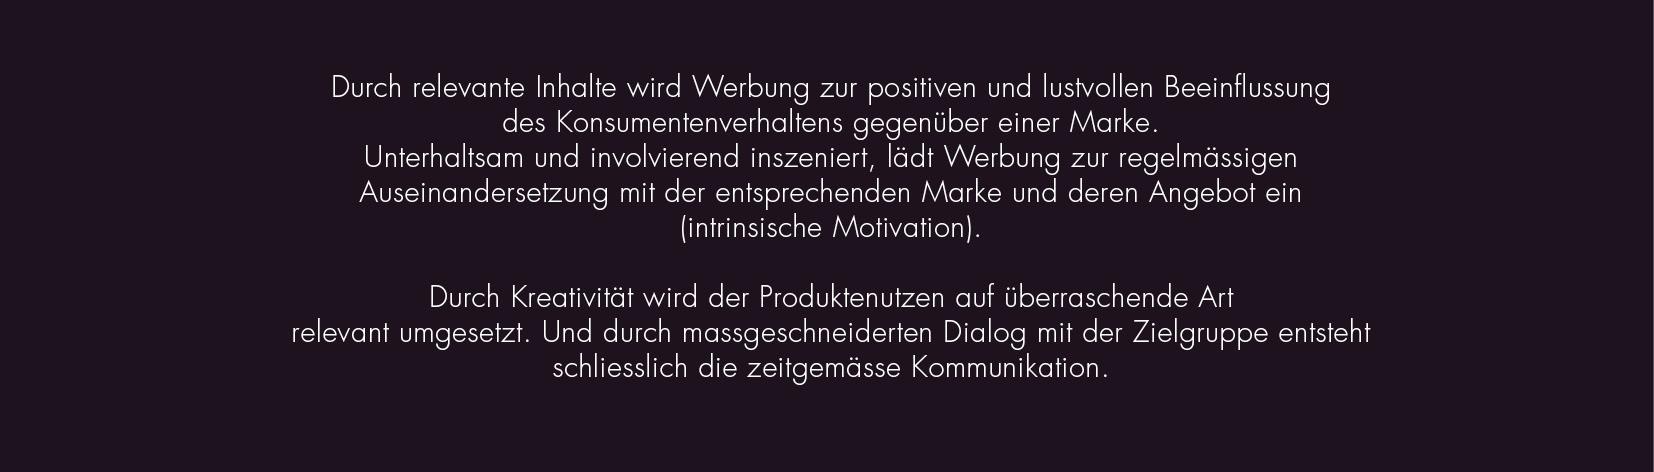 Philosophie_2.jpg